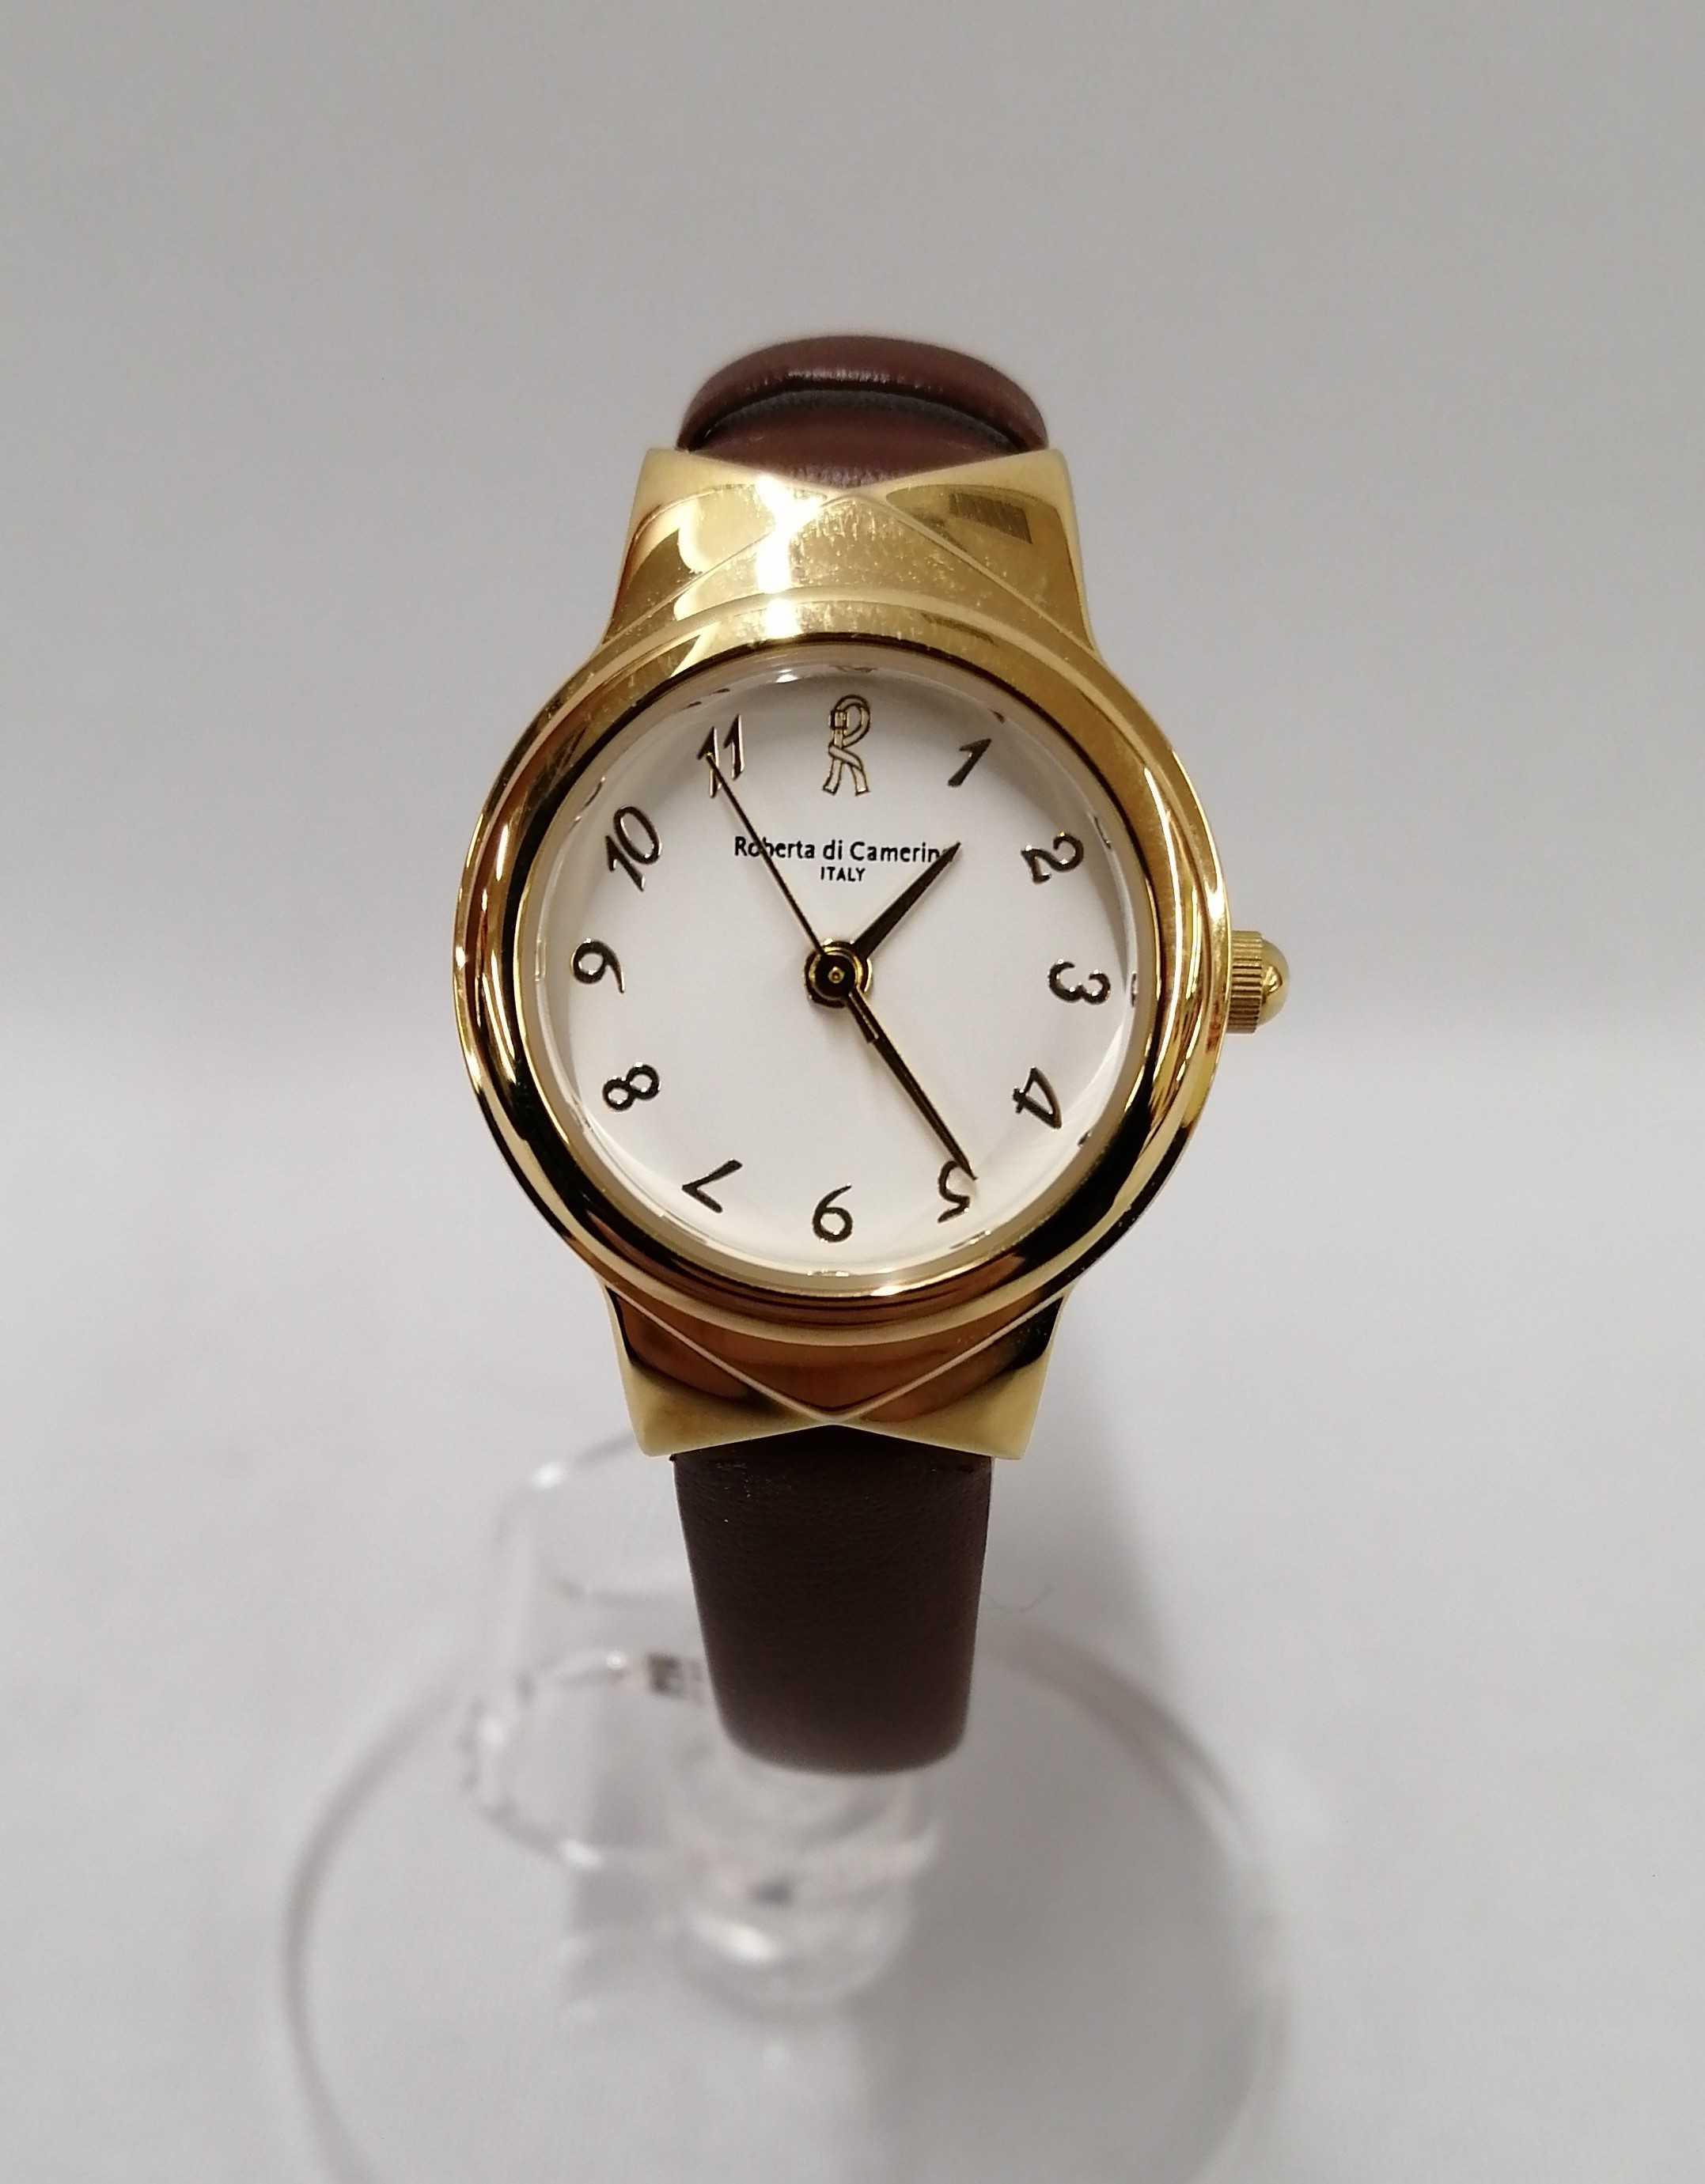 クオーツ腕時計|ROBERTA DI CAMERINO